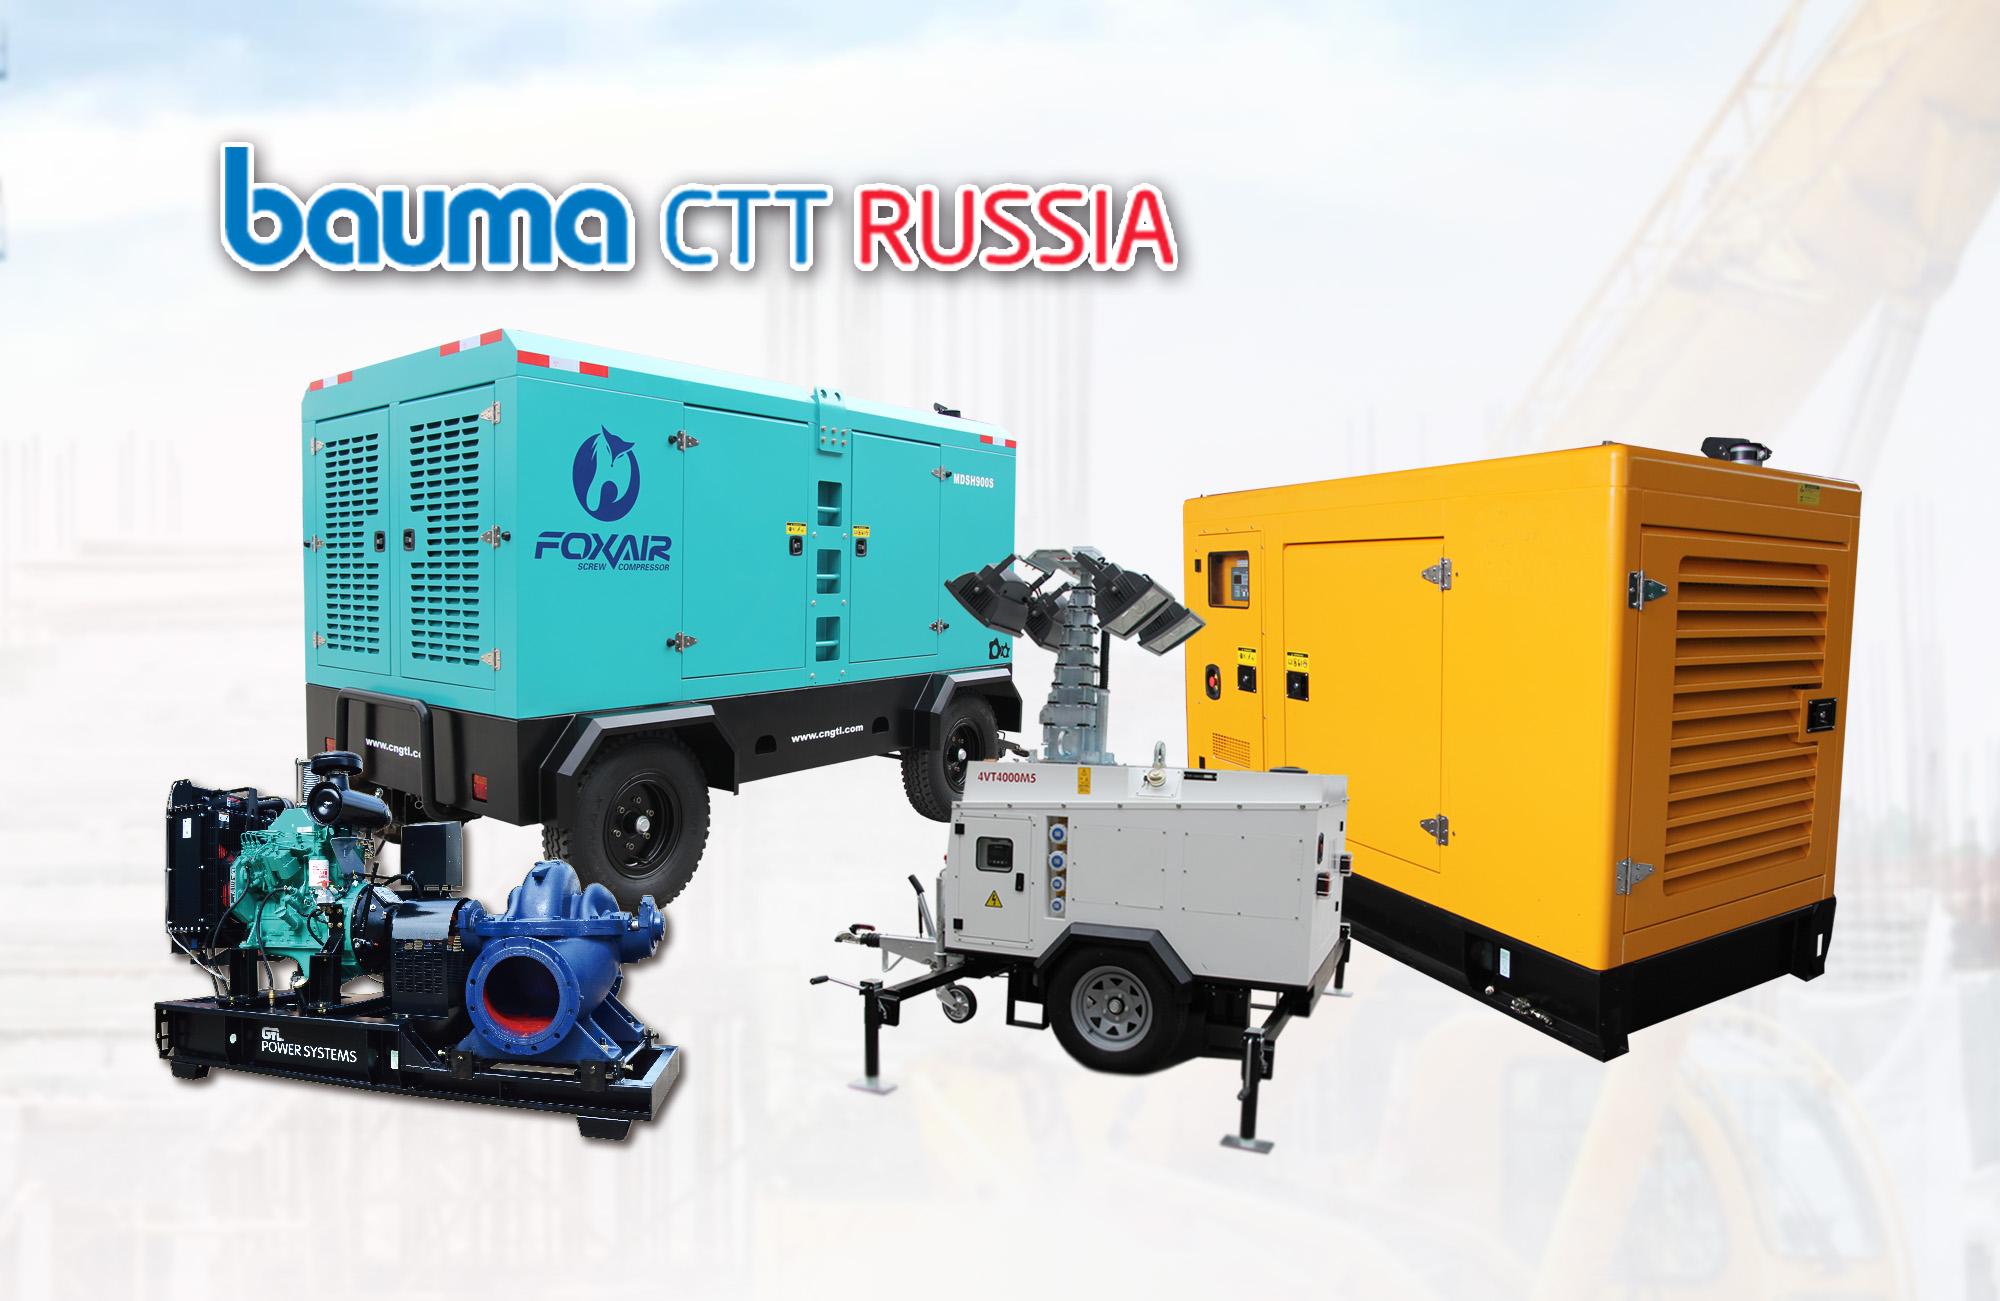 2019年俄罗斯工程机械宝马展